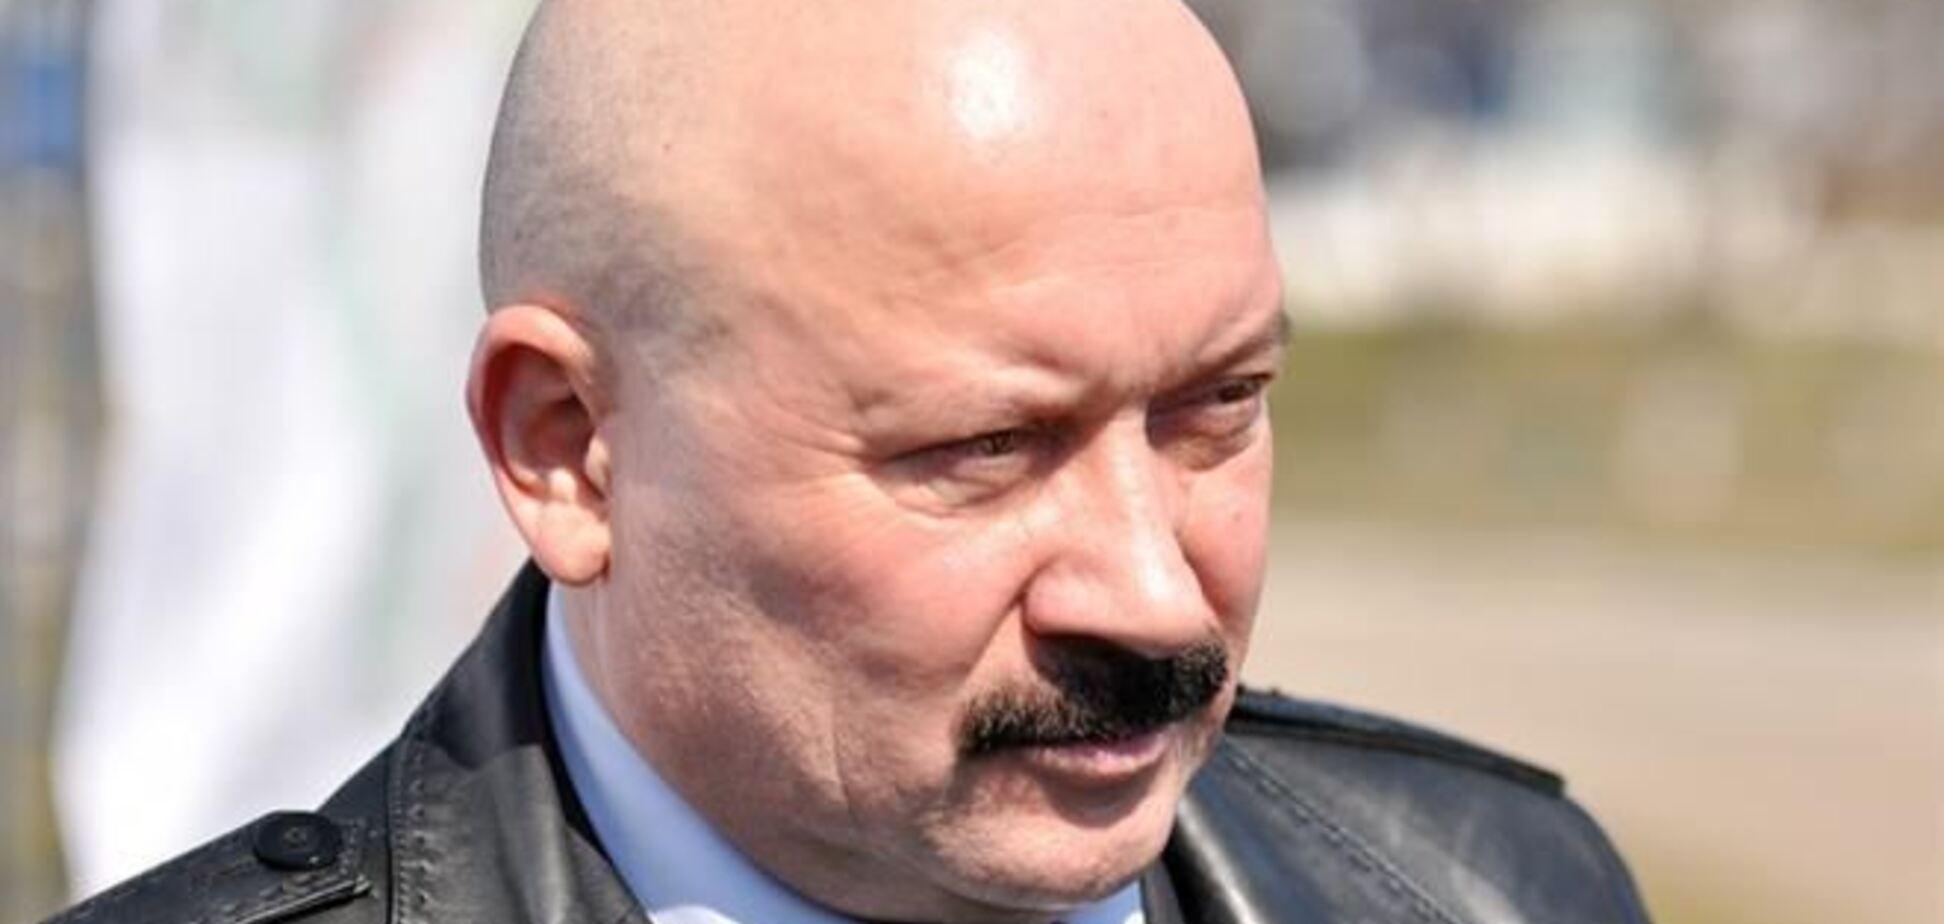 Глава ГосЧС не побачив на відео пожежі в Харкові падаючих з вікон людей